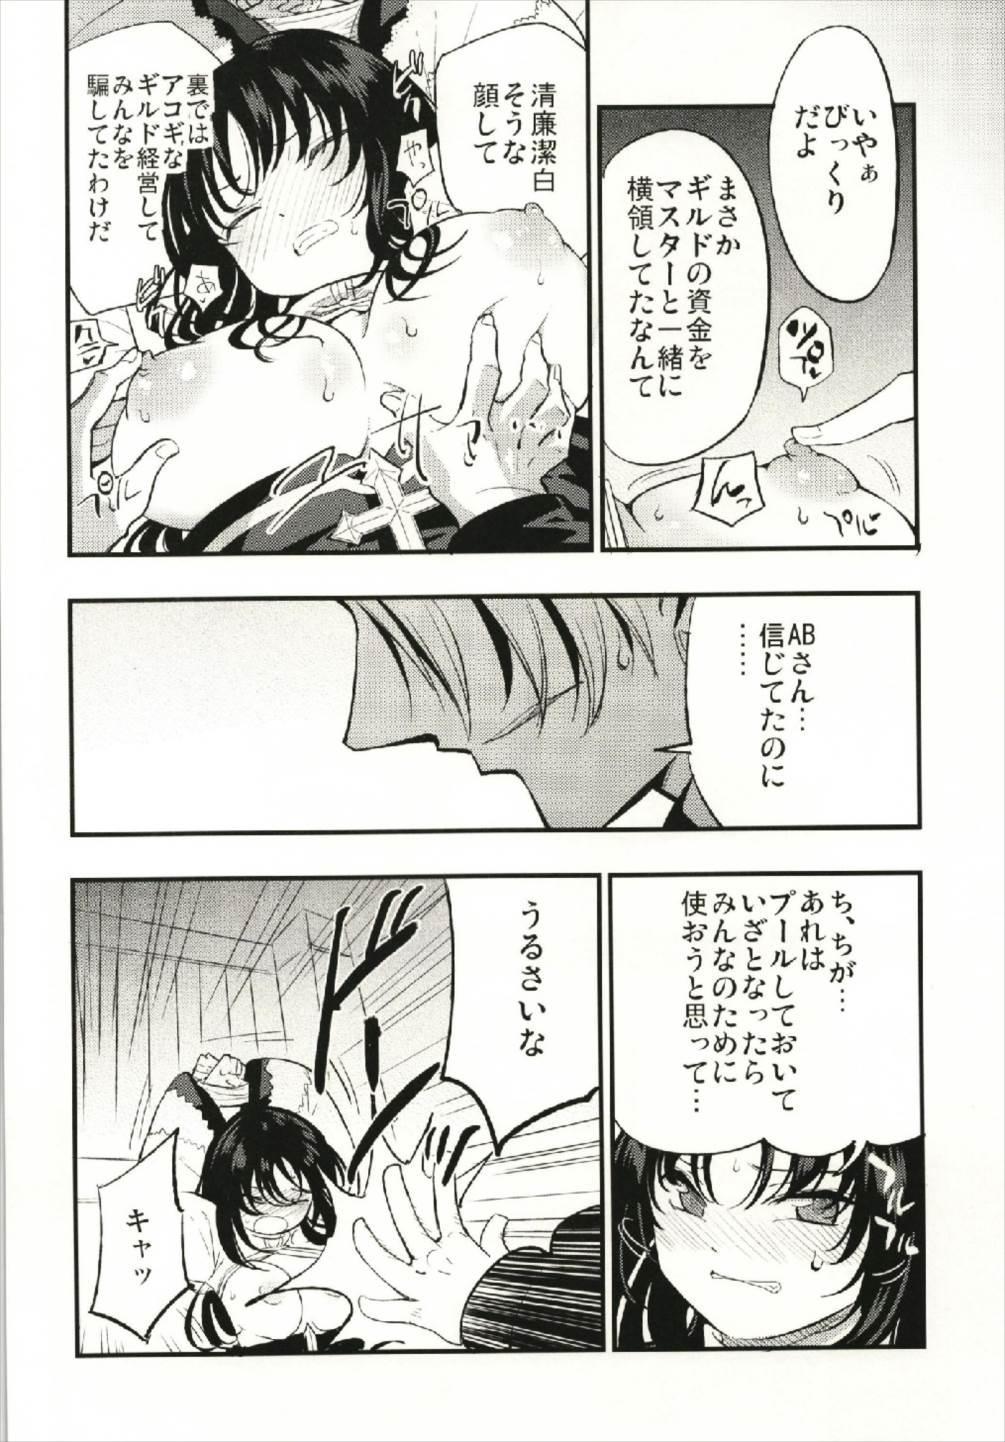 Guild no AB-san 9